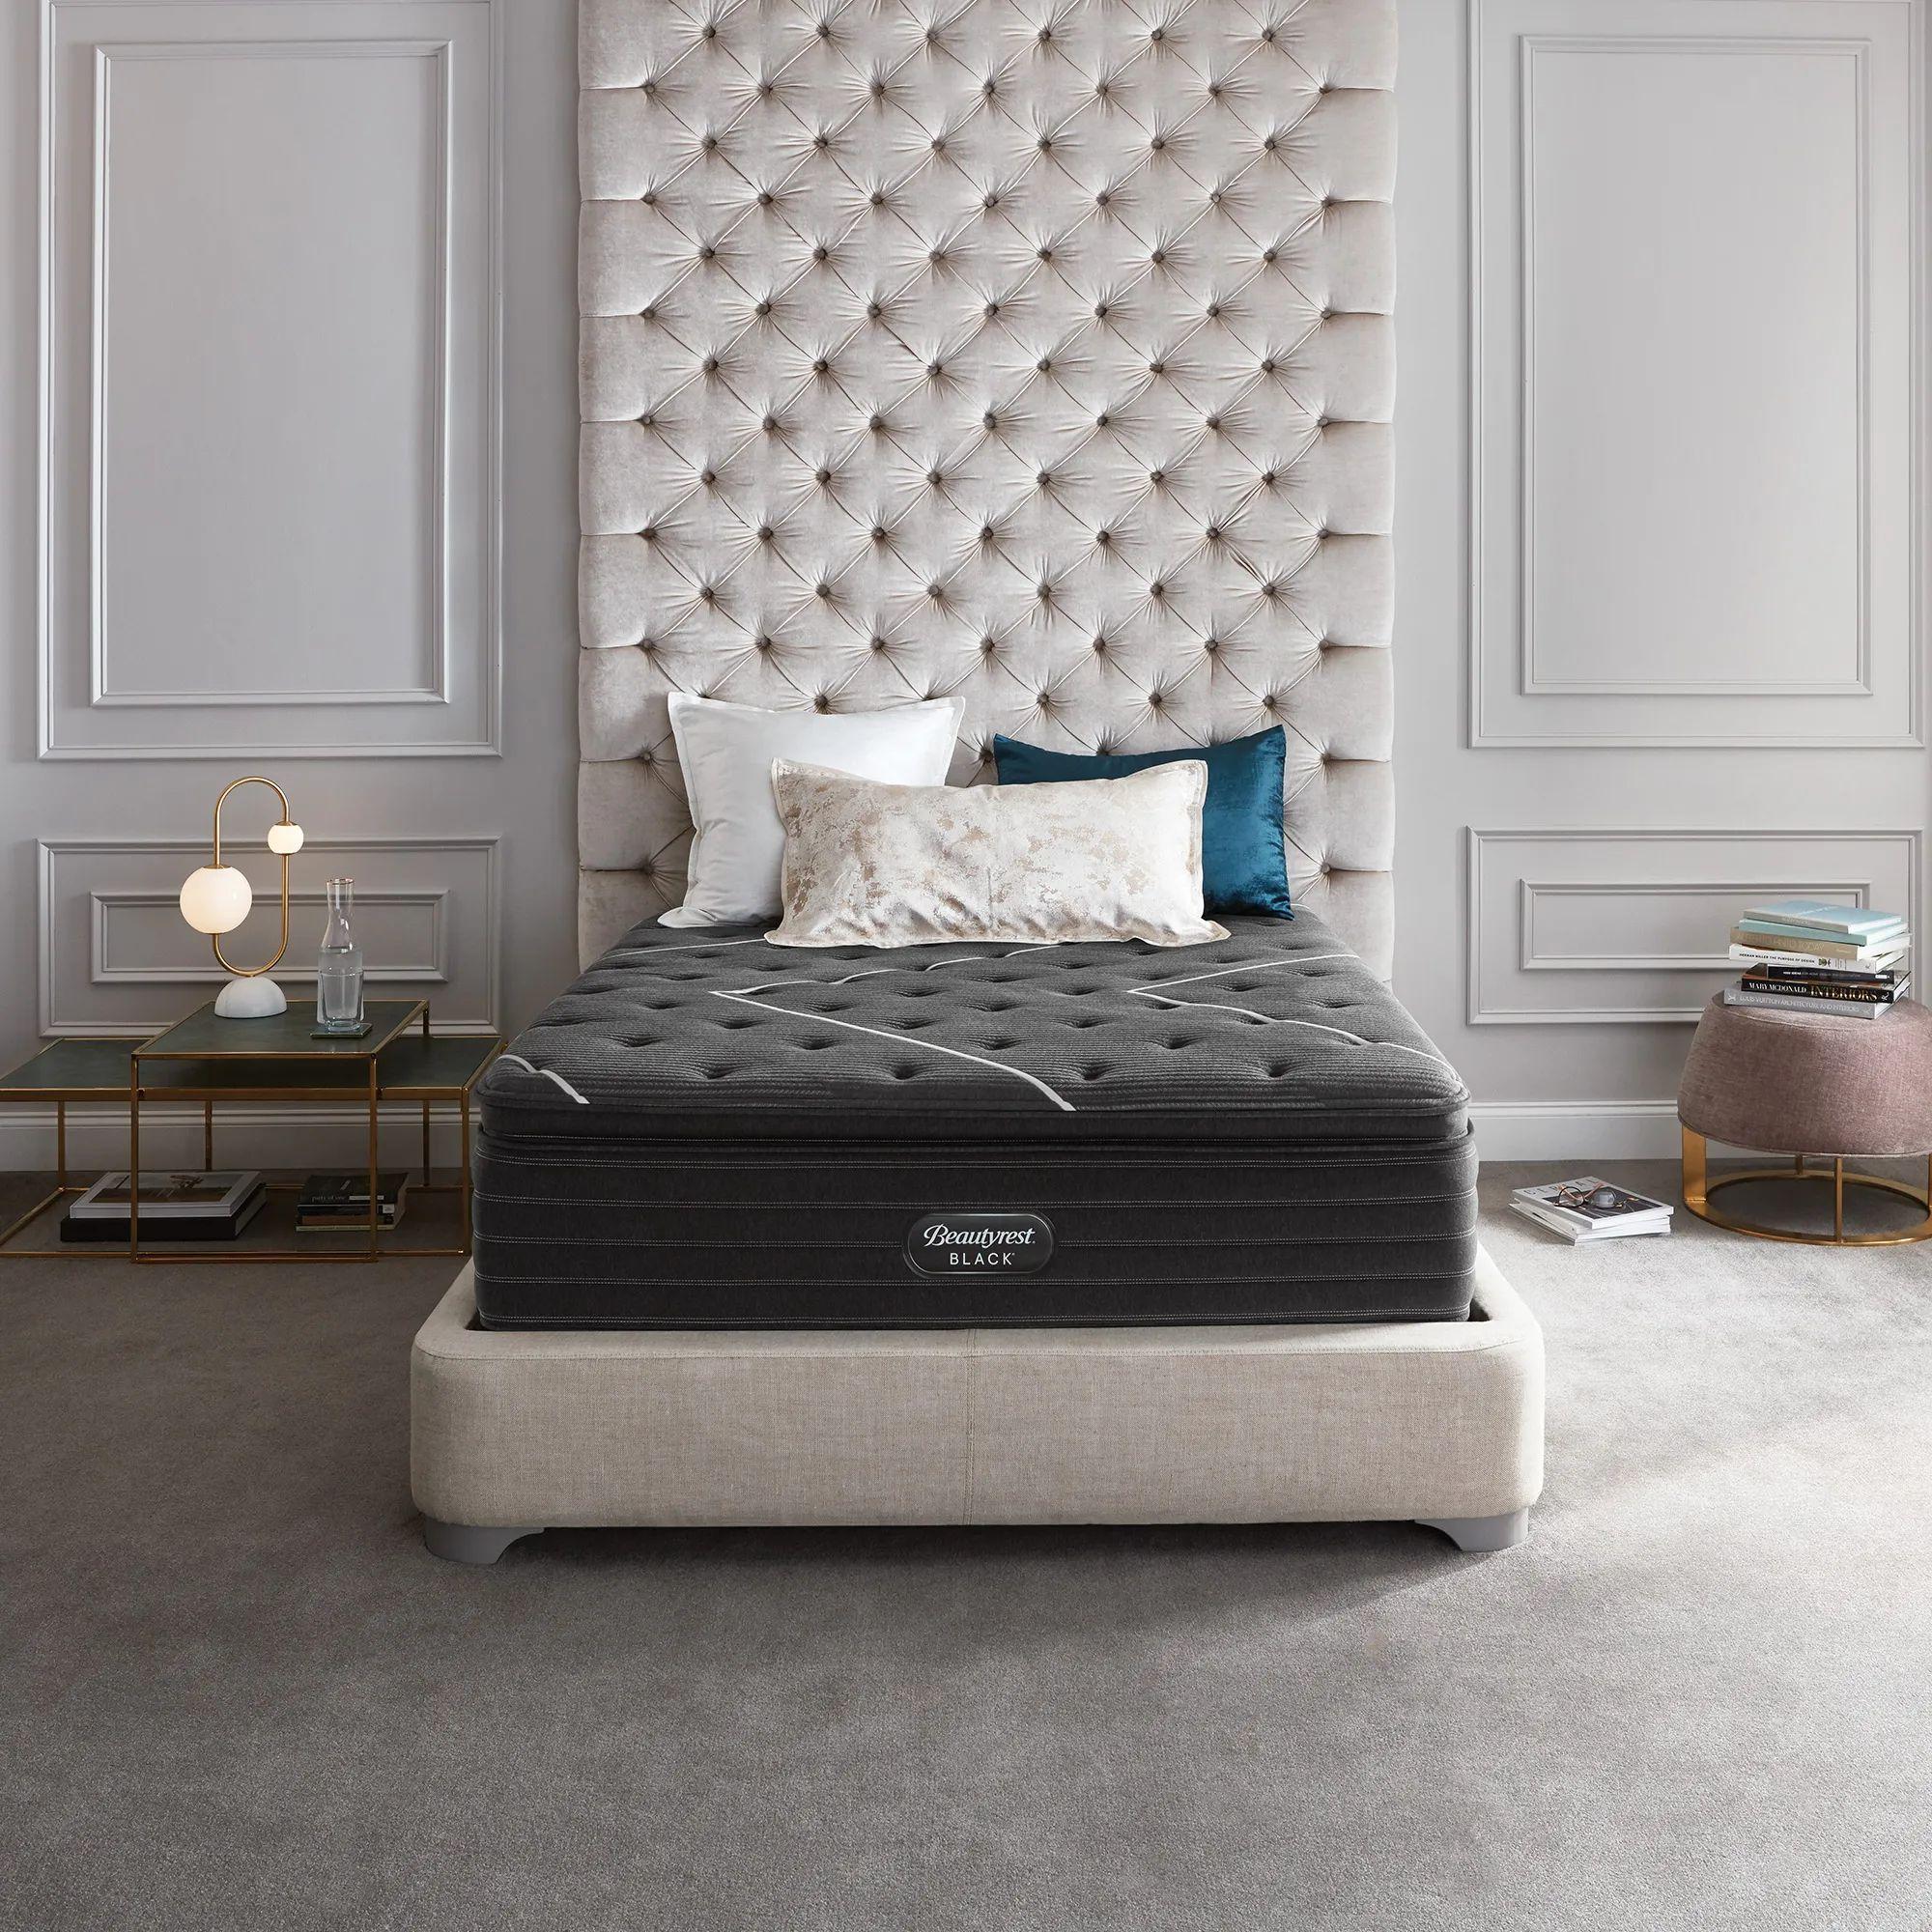 king simmons beautyrest black c class plush pillow top 16 inch mattress free 300 visa gift card